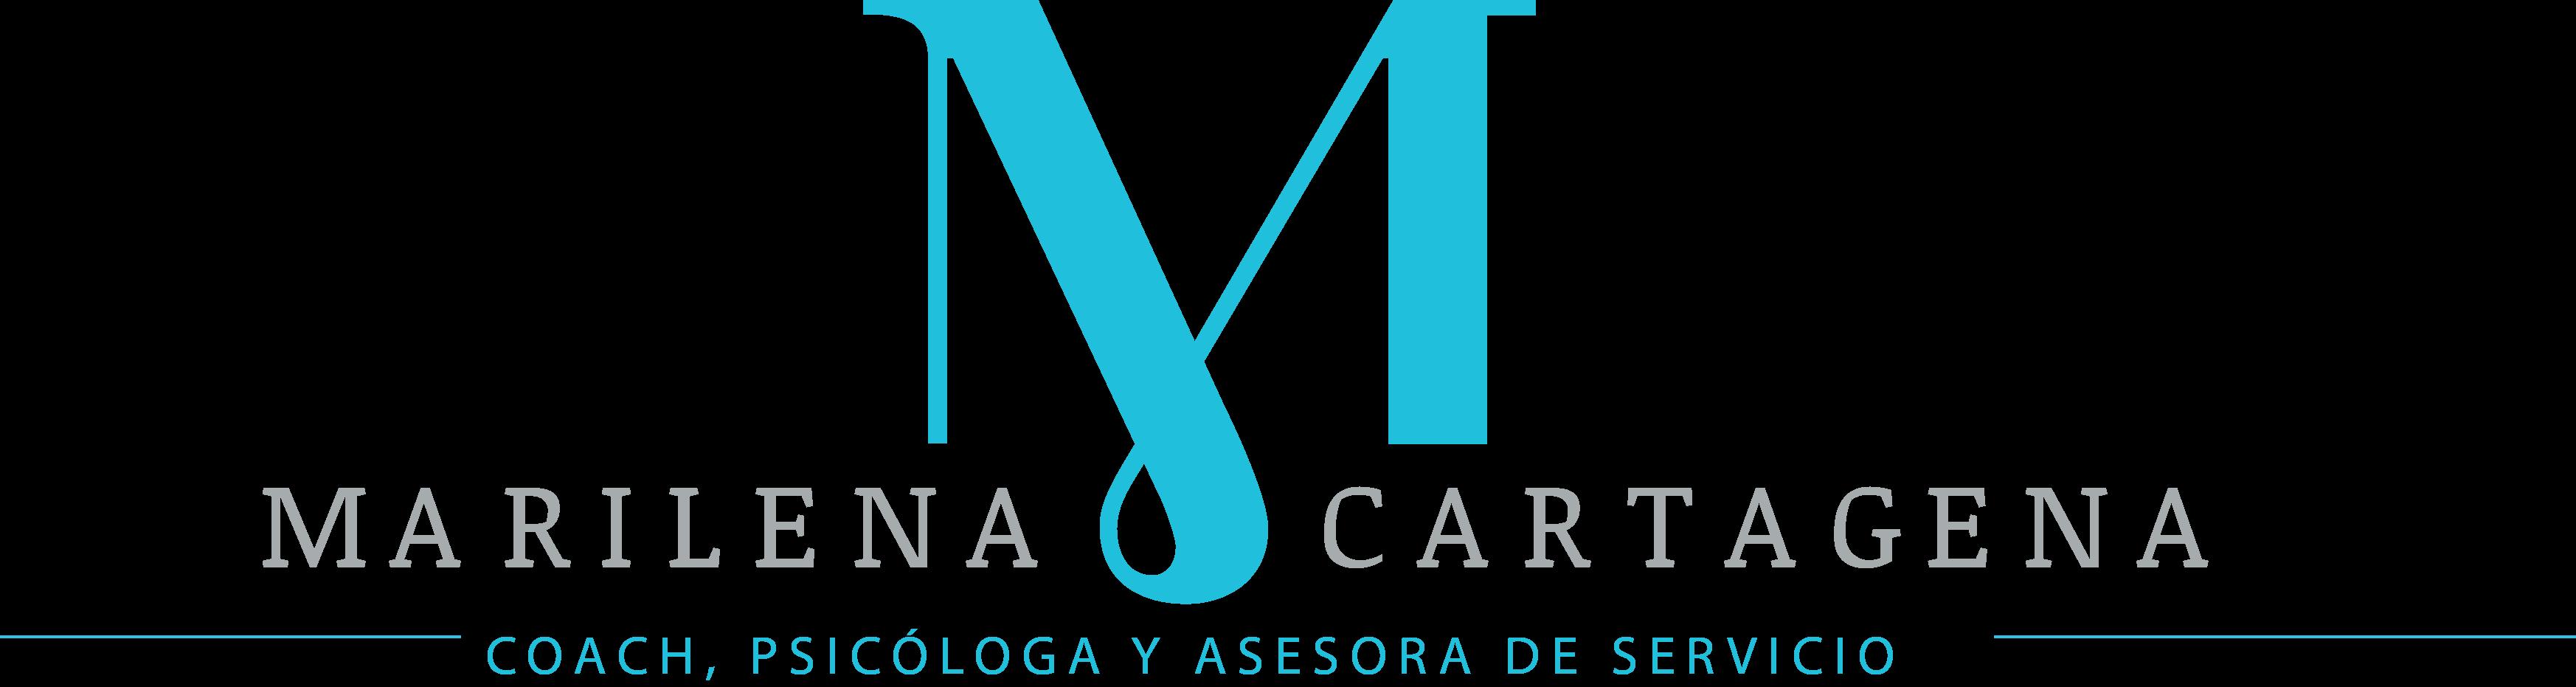 Marilena Cartagena